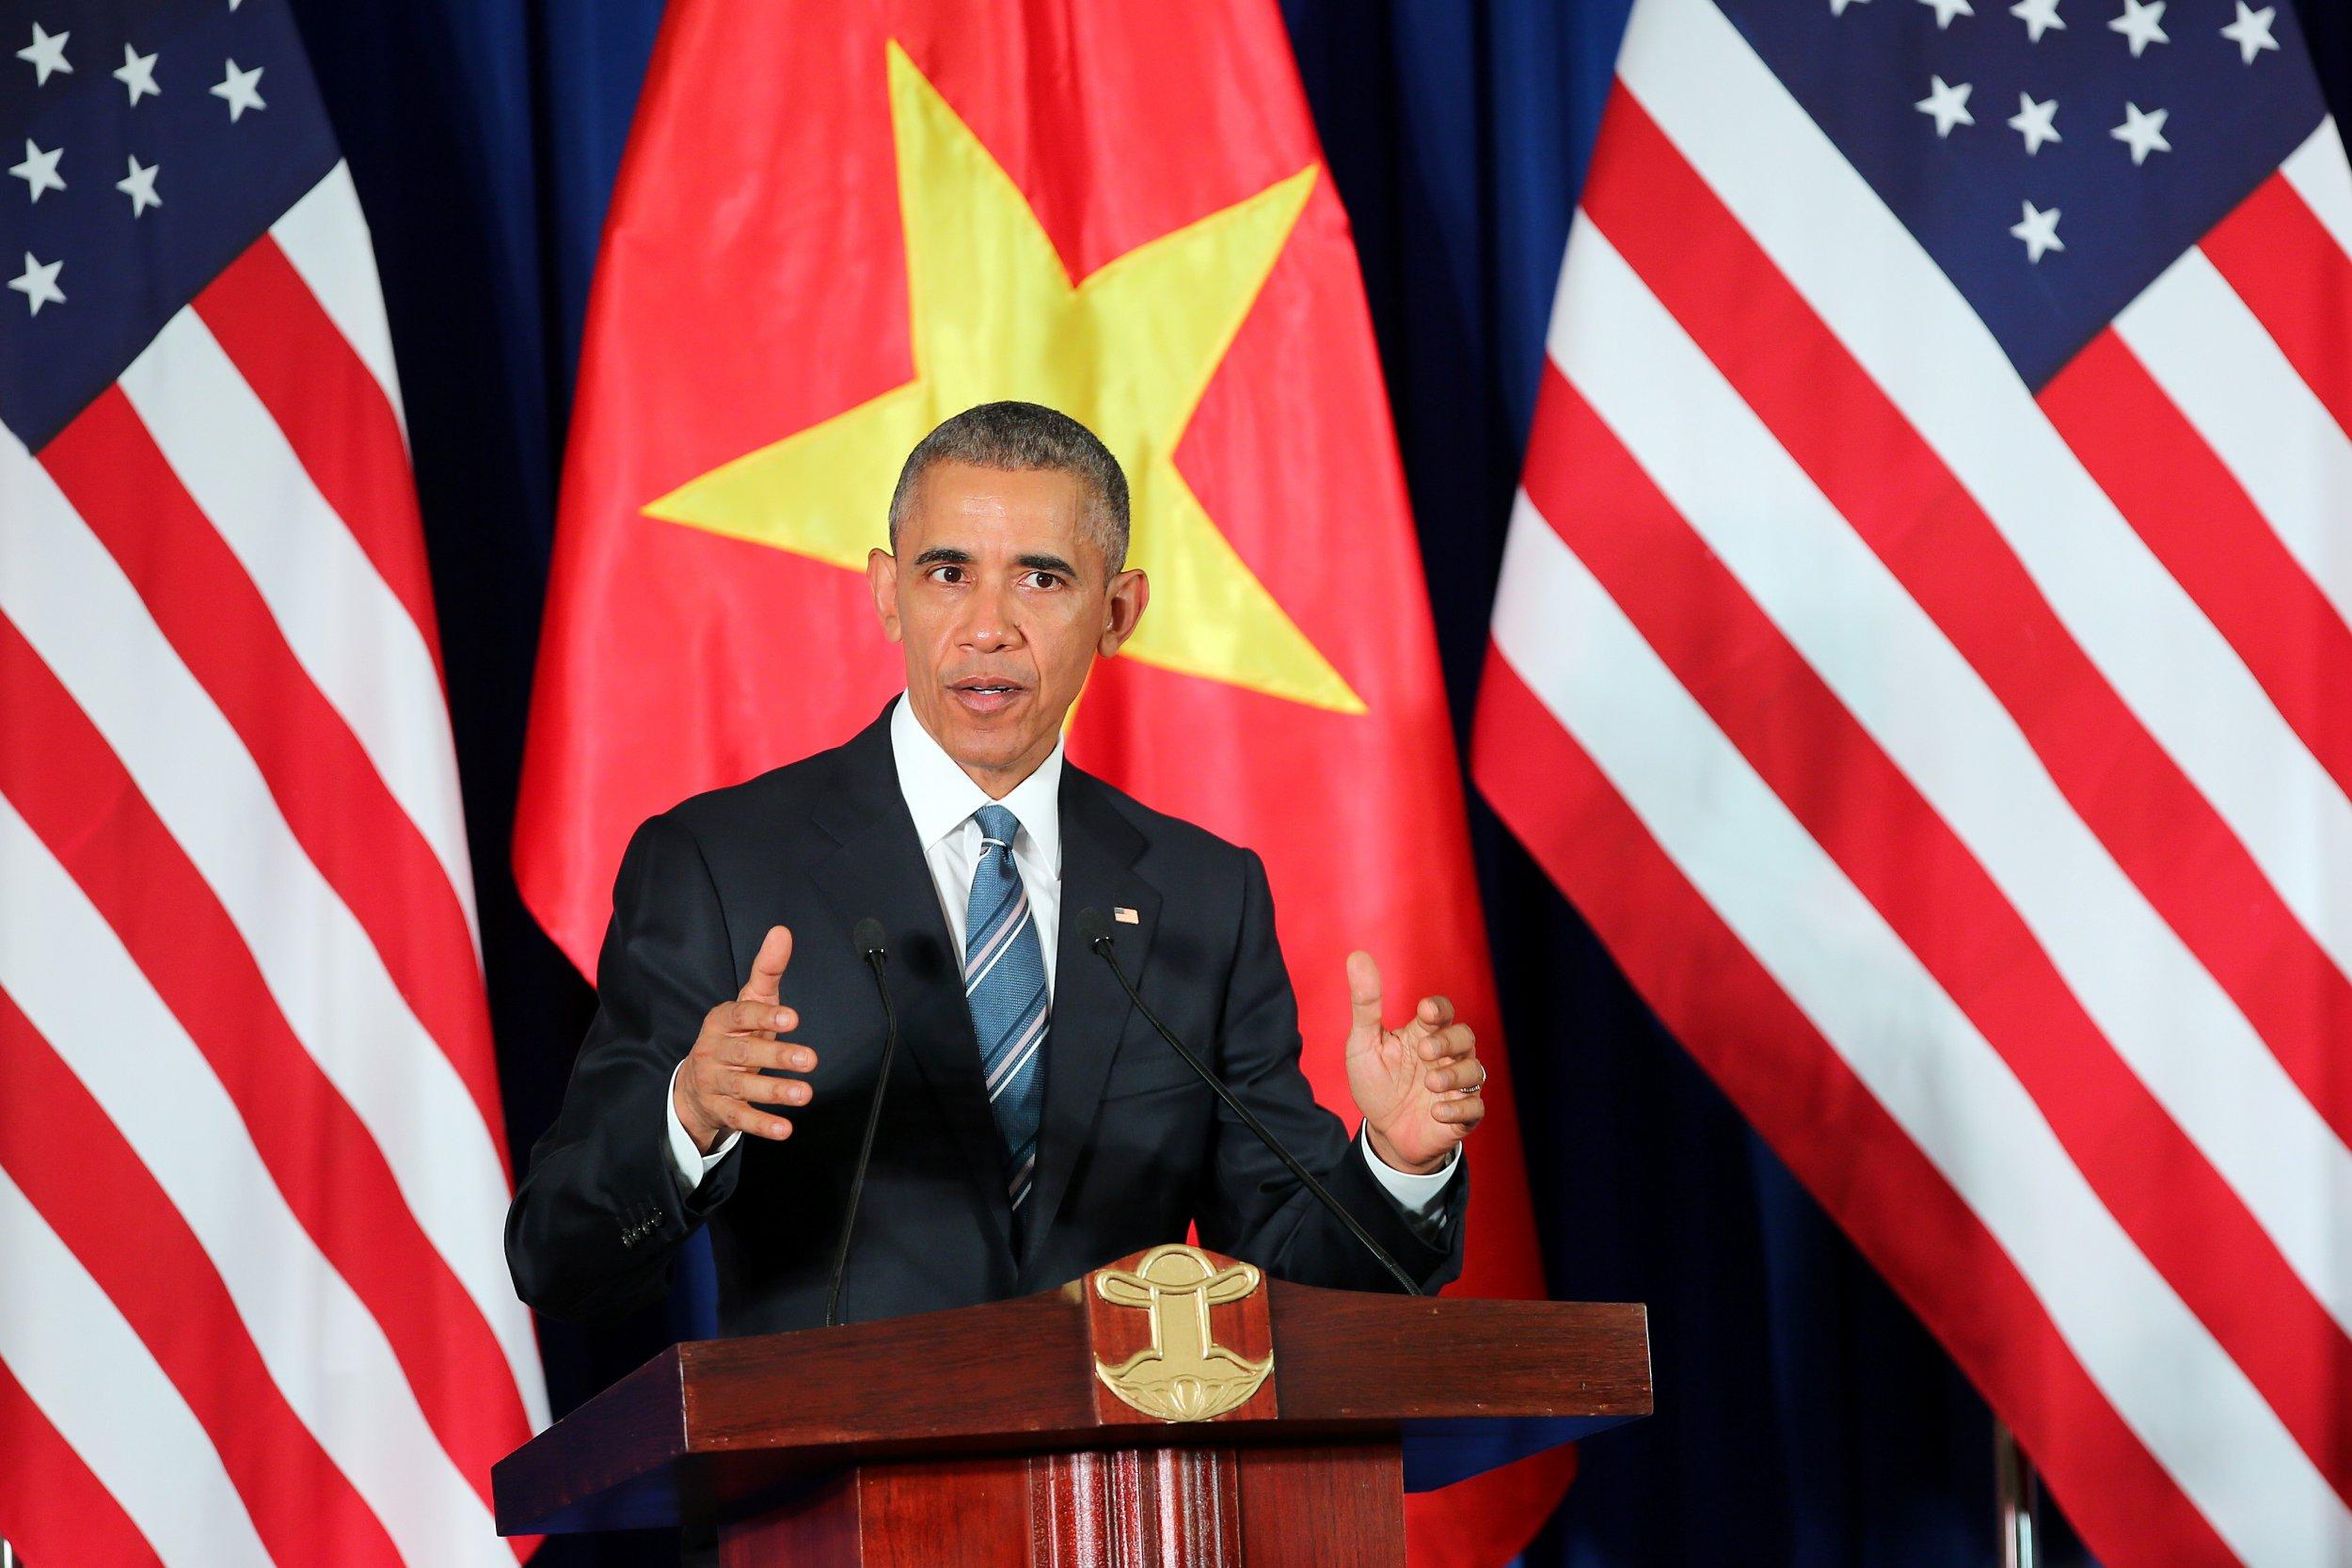 0523_vietnam_obama_arms_embargo